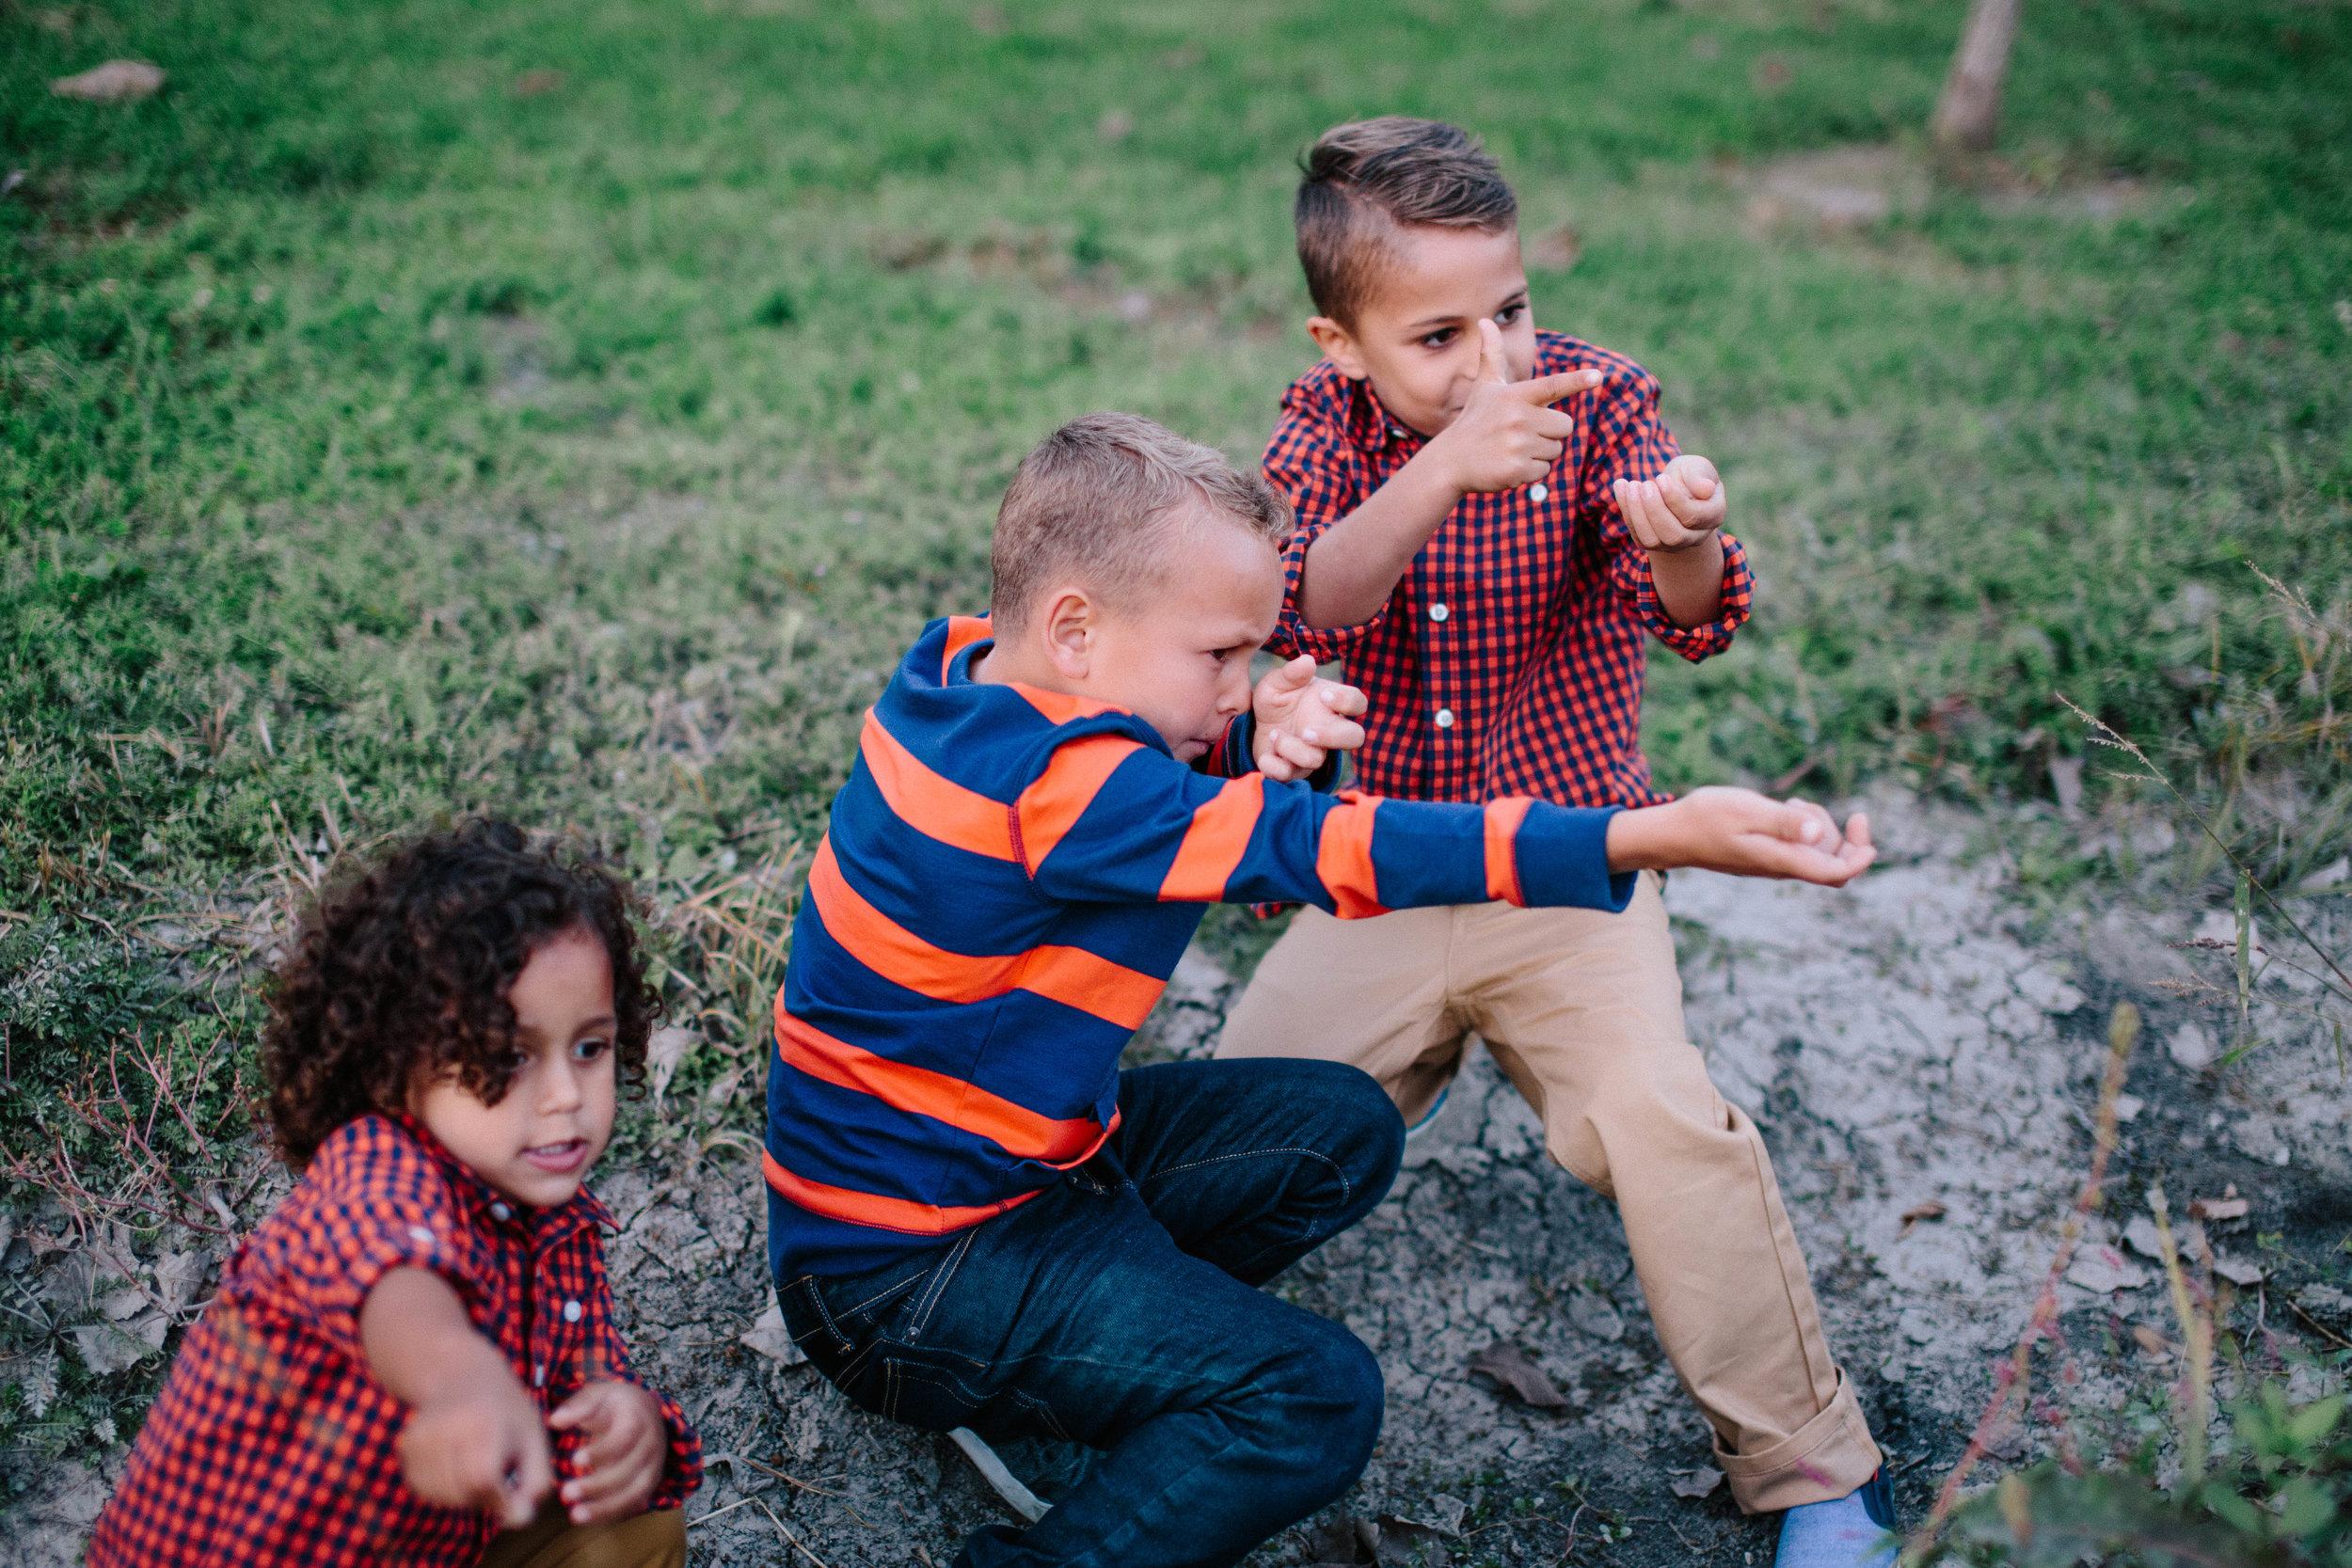 The Sanderson Family | Hannahill Photography | Kansas City, MO